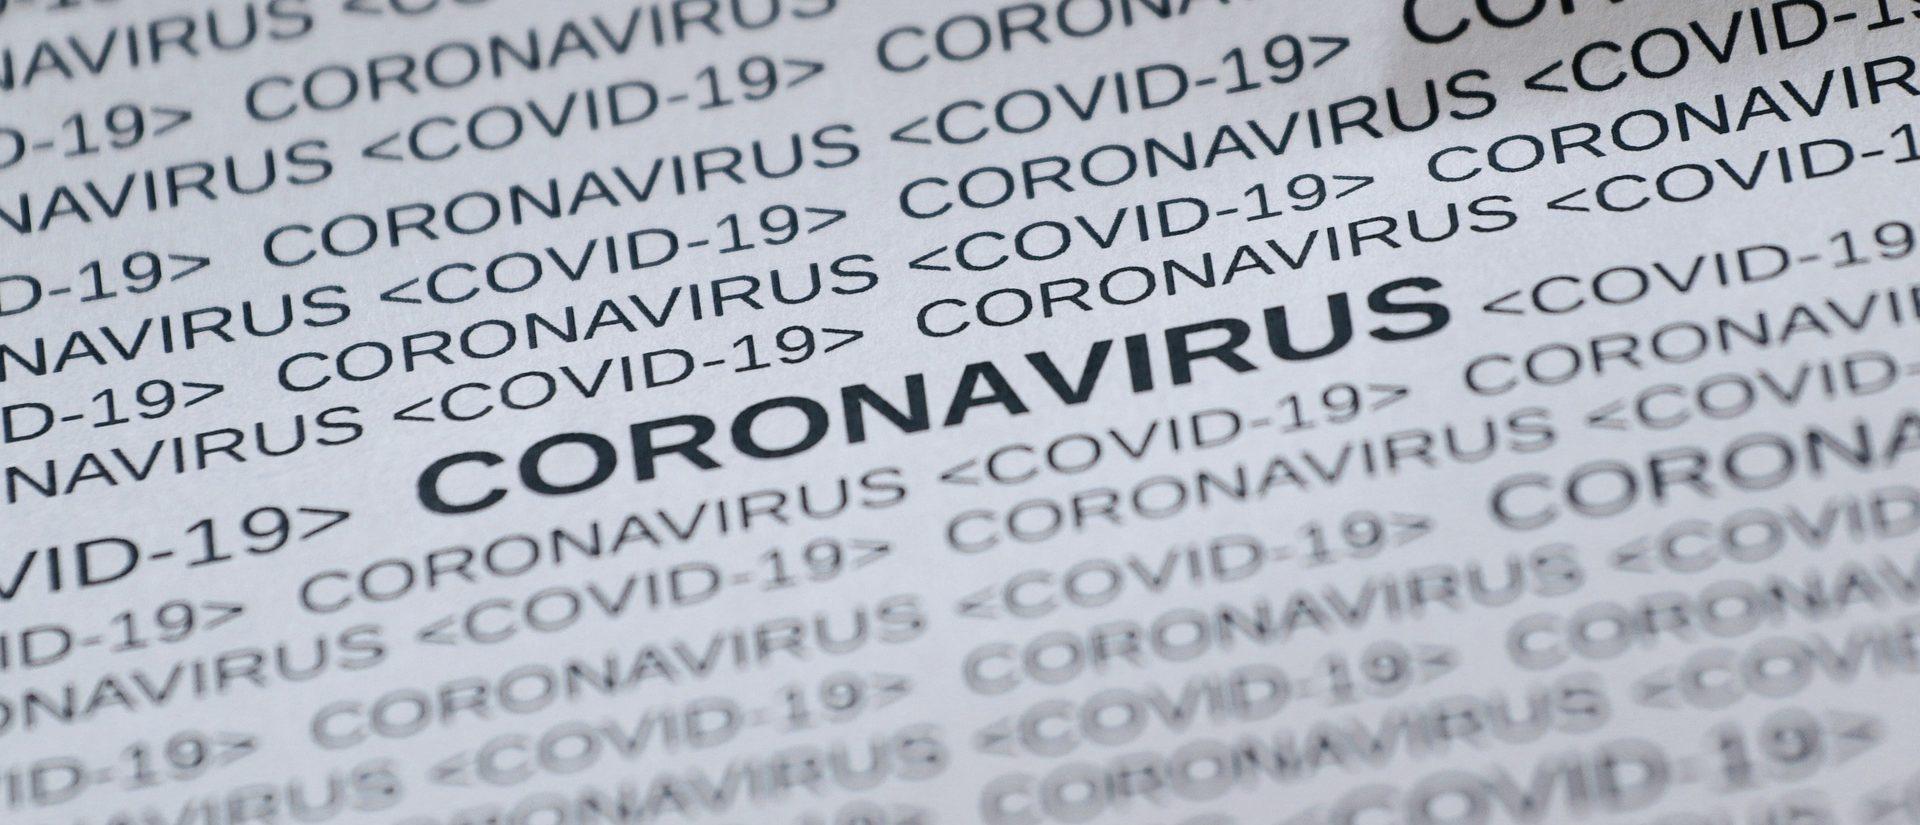 Coronavirus als Wort geschrieben auf einem A4-Blatt